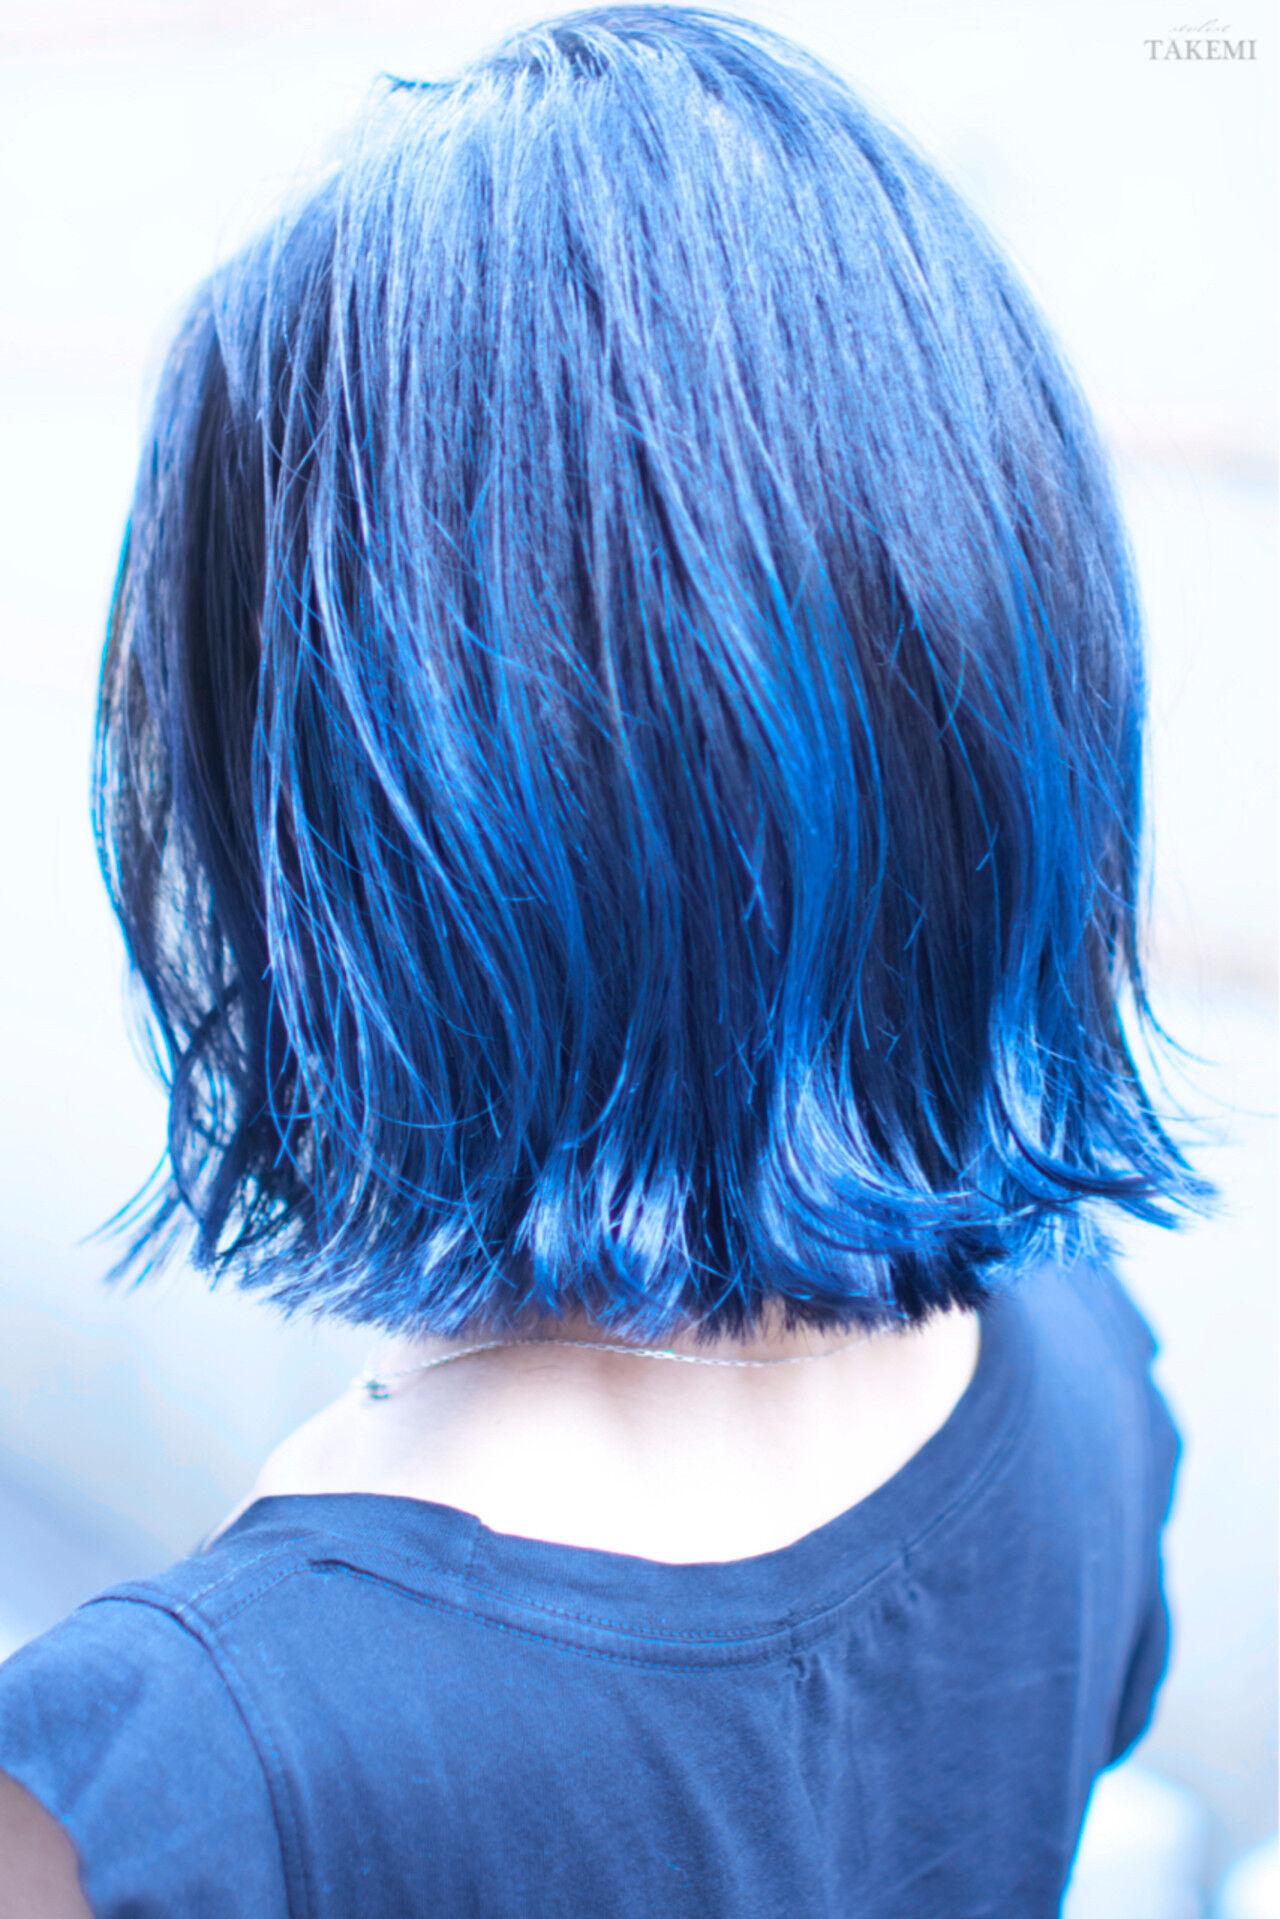 ボブ ハイライト ダブルカラー 外国人風カラーヘアスタイルや髪型の写真・画像